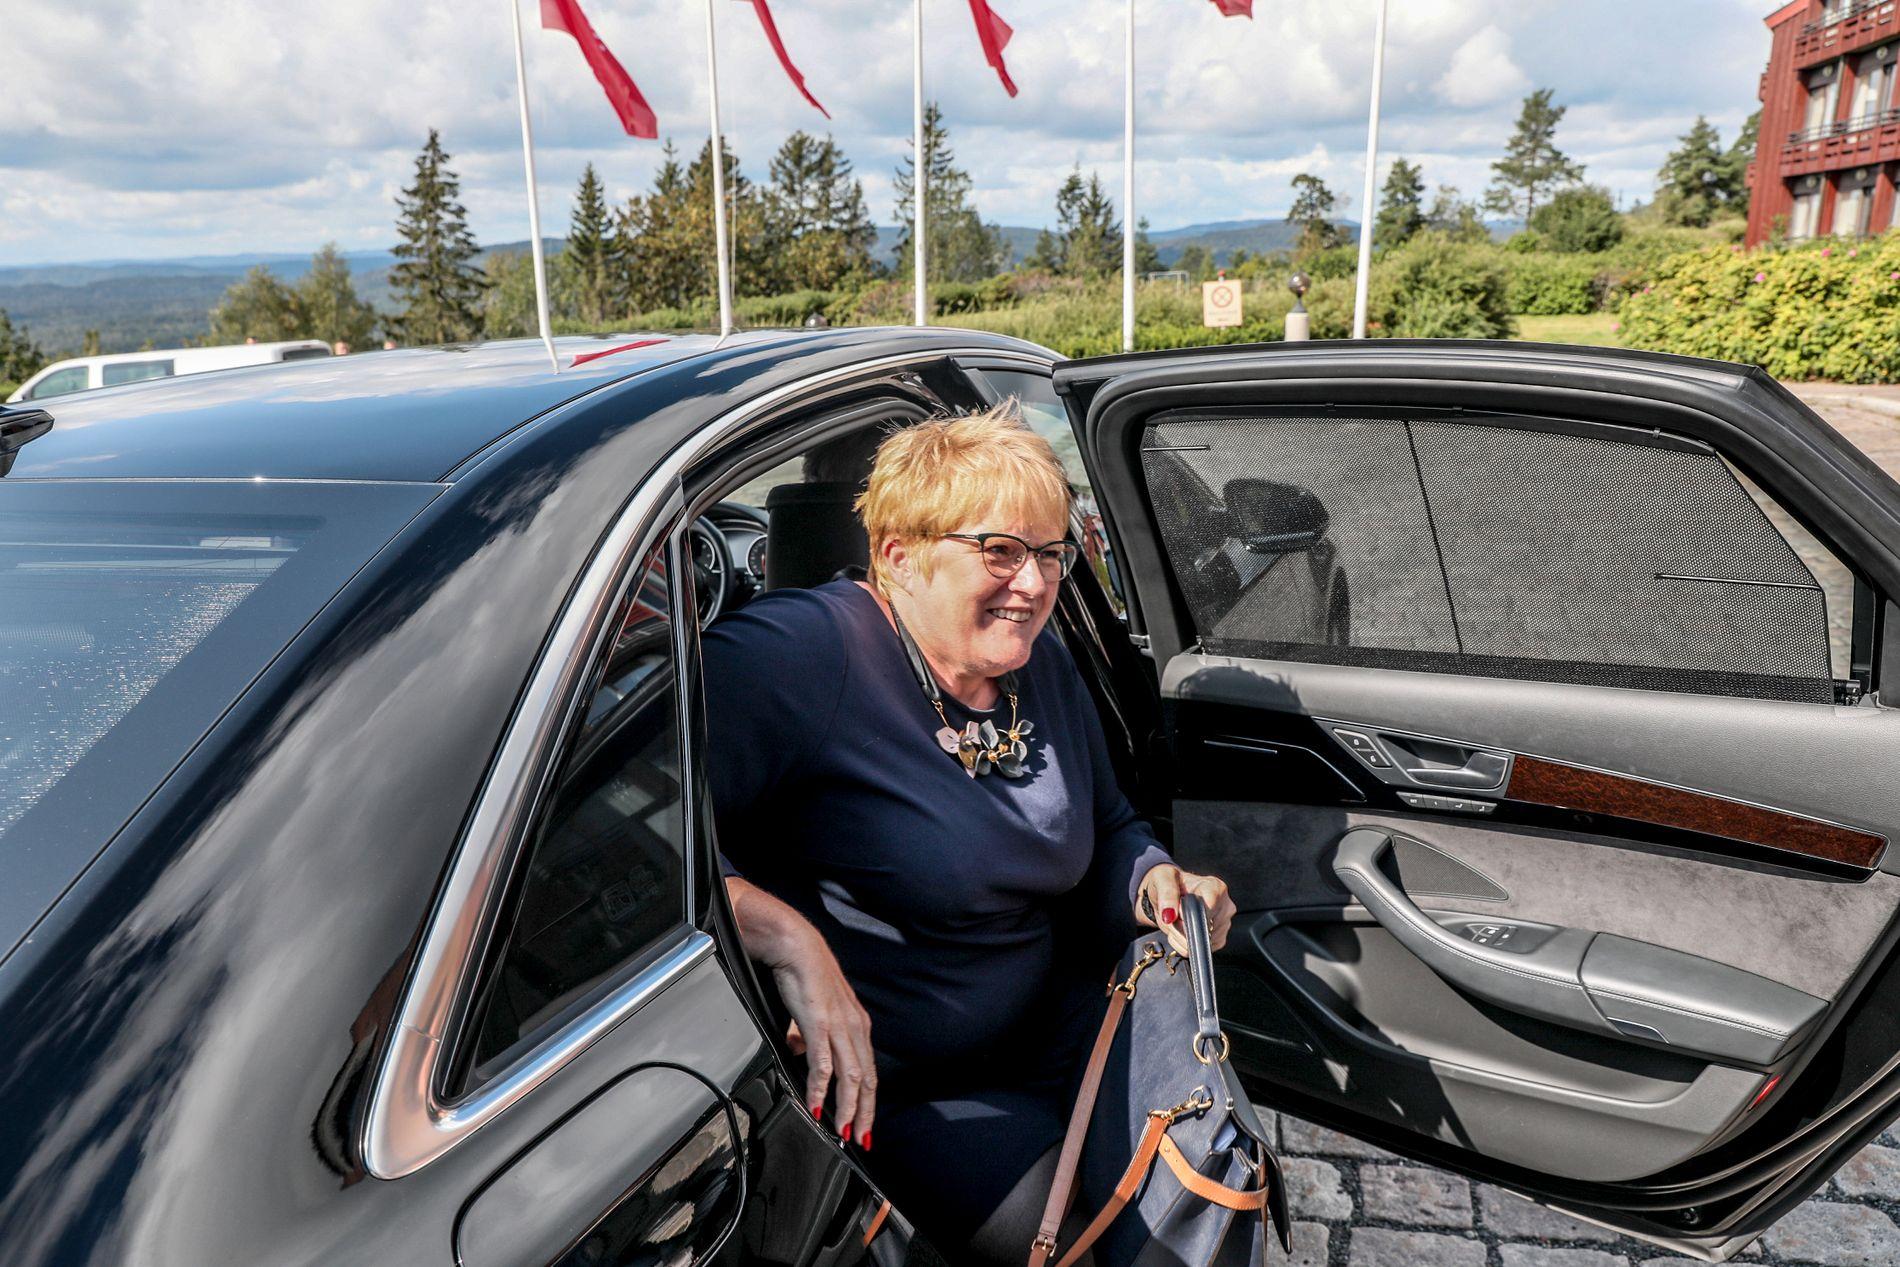 PÅ KONFERANSE: Trine Skei Grande møtte pressen på vei inn til en konferanse om menneskerettigheter blant utviklingshemmede på Holmenkollen Park Hotel.